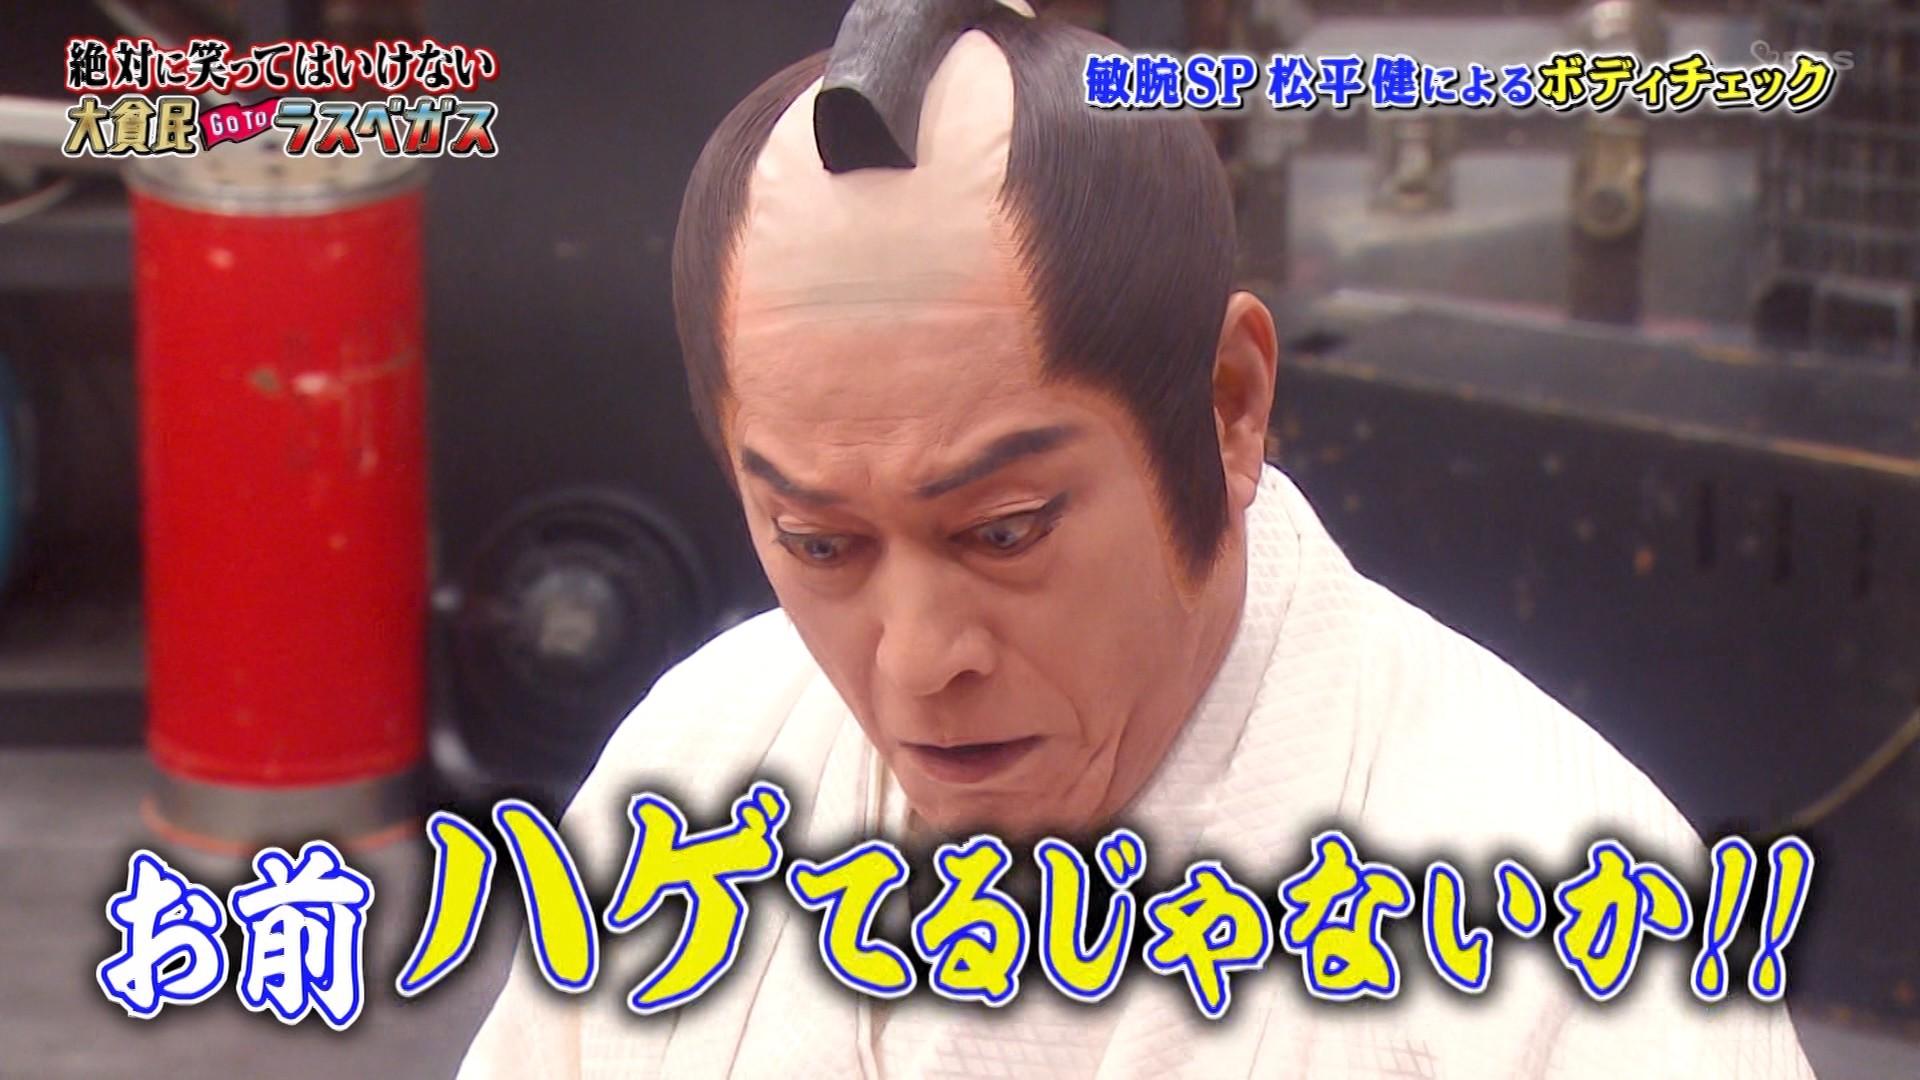 【ハゲ速報】山崎邦正さん、植毛のCMを断る!!!